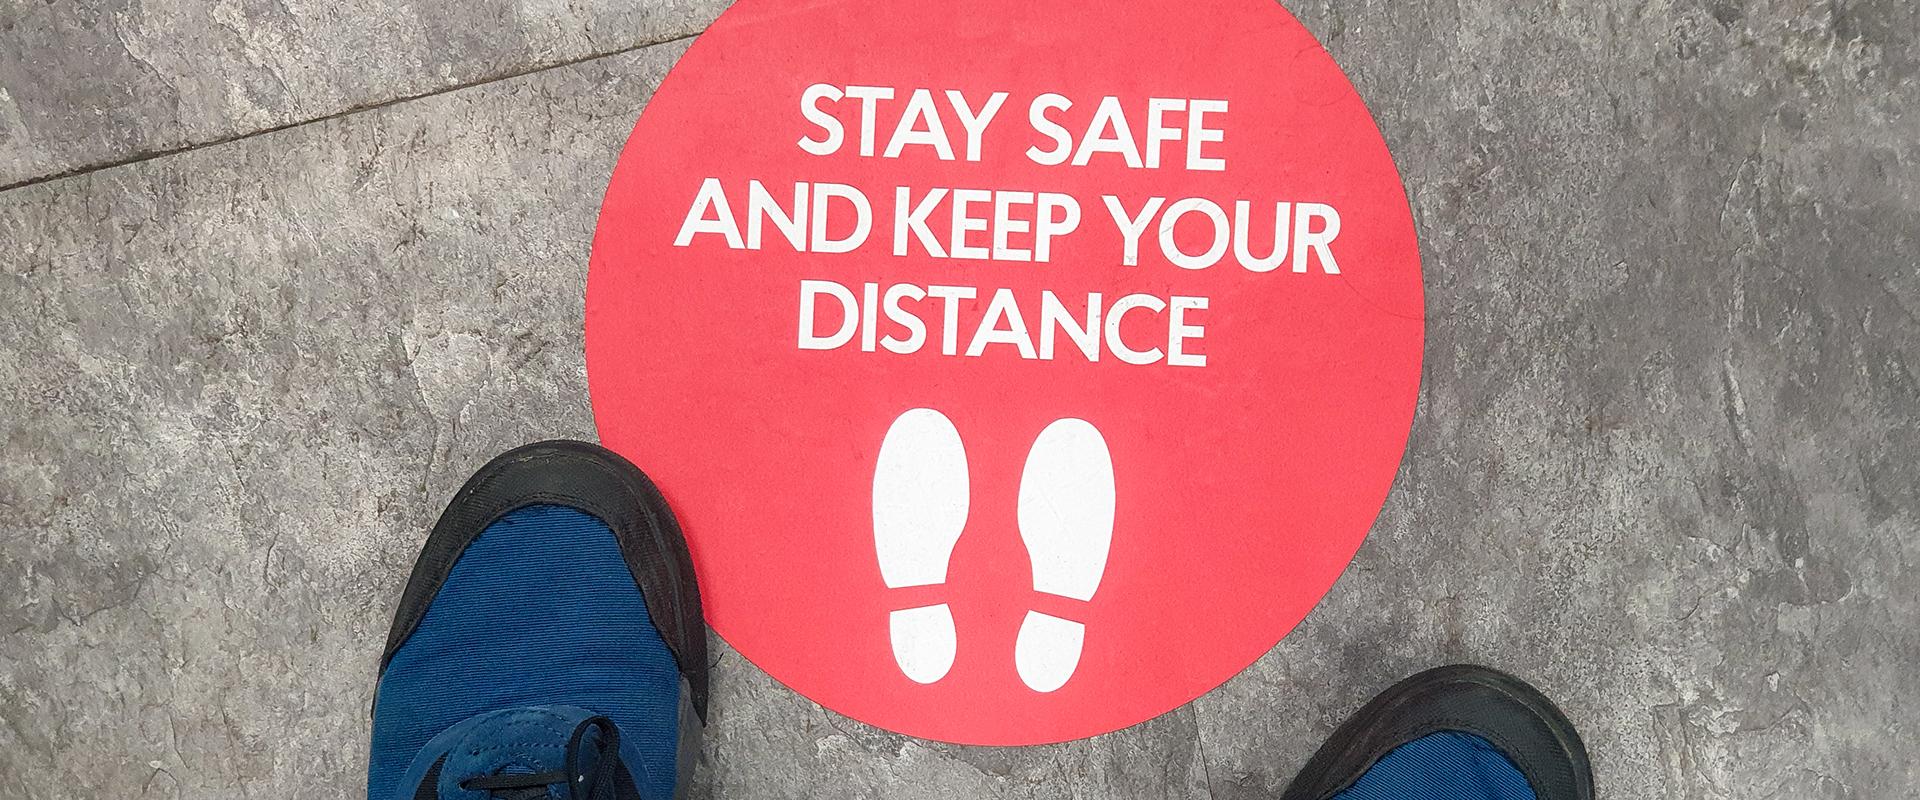 stay safe sticker